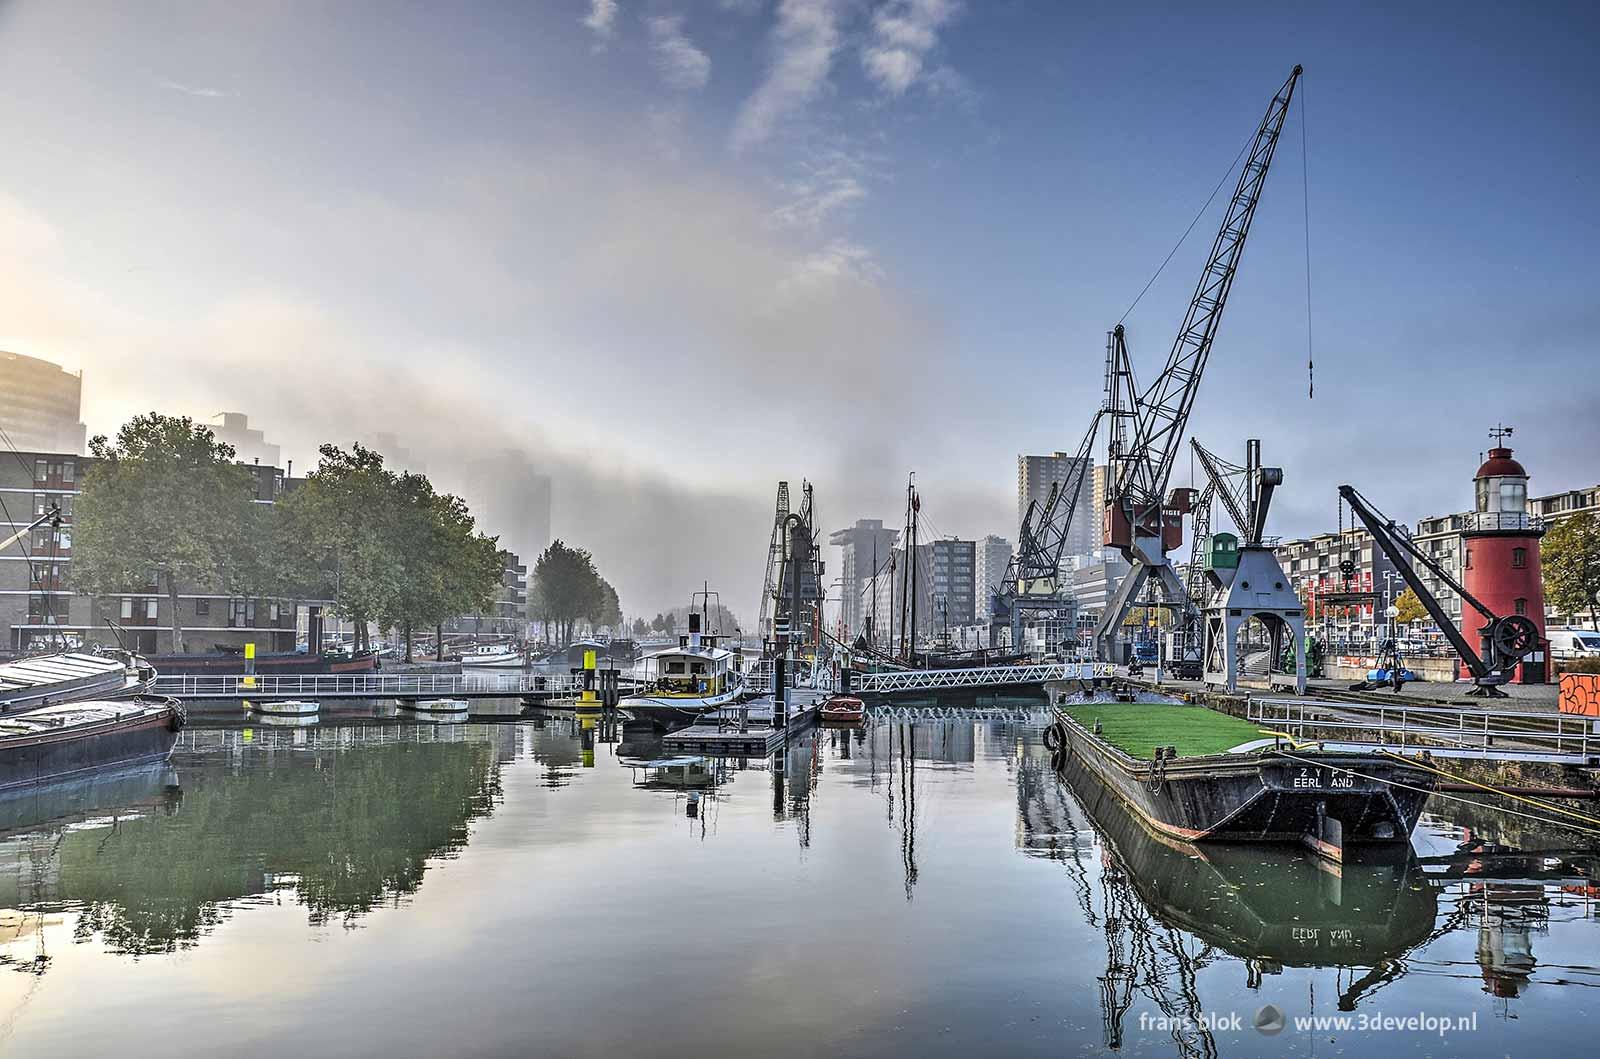 Zicht vanaf de kade bij het Maritiem Museum in Rotterdam op een mistbank die boven de Nieuwe Maas hangt.